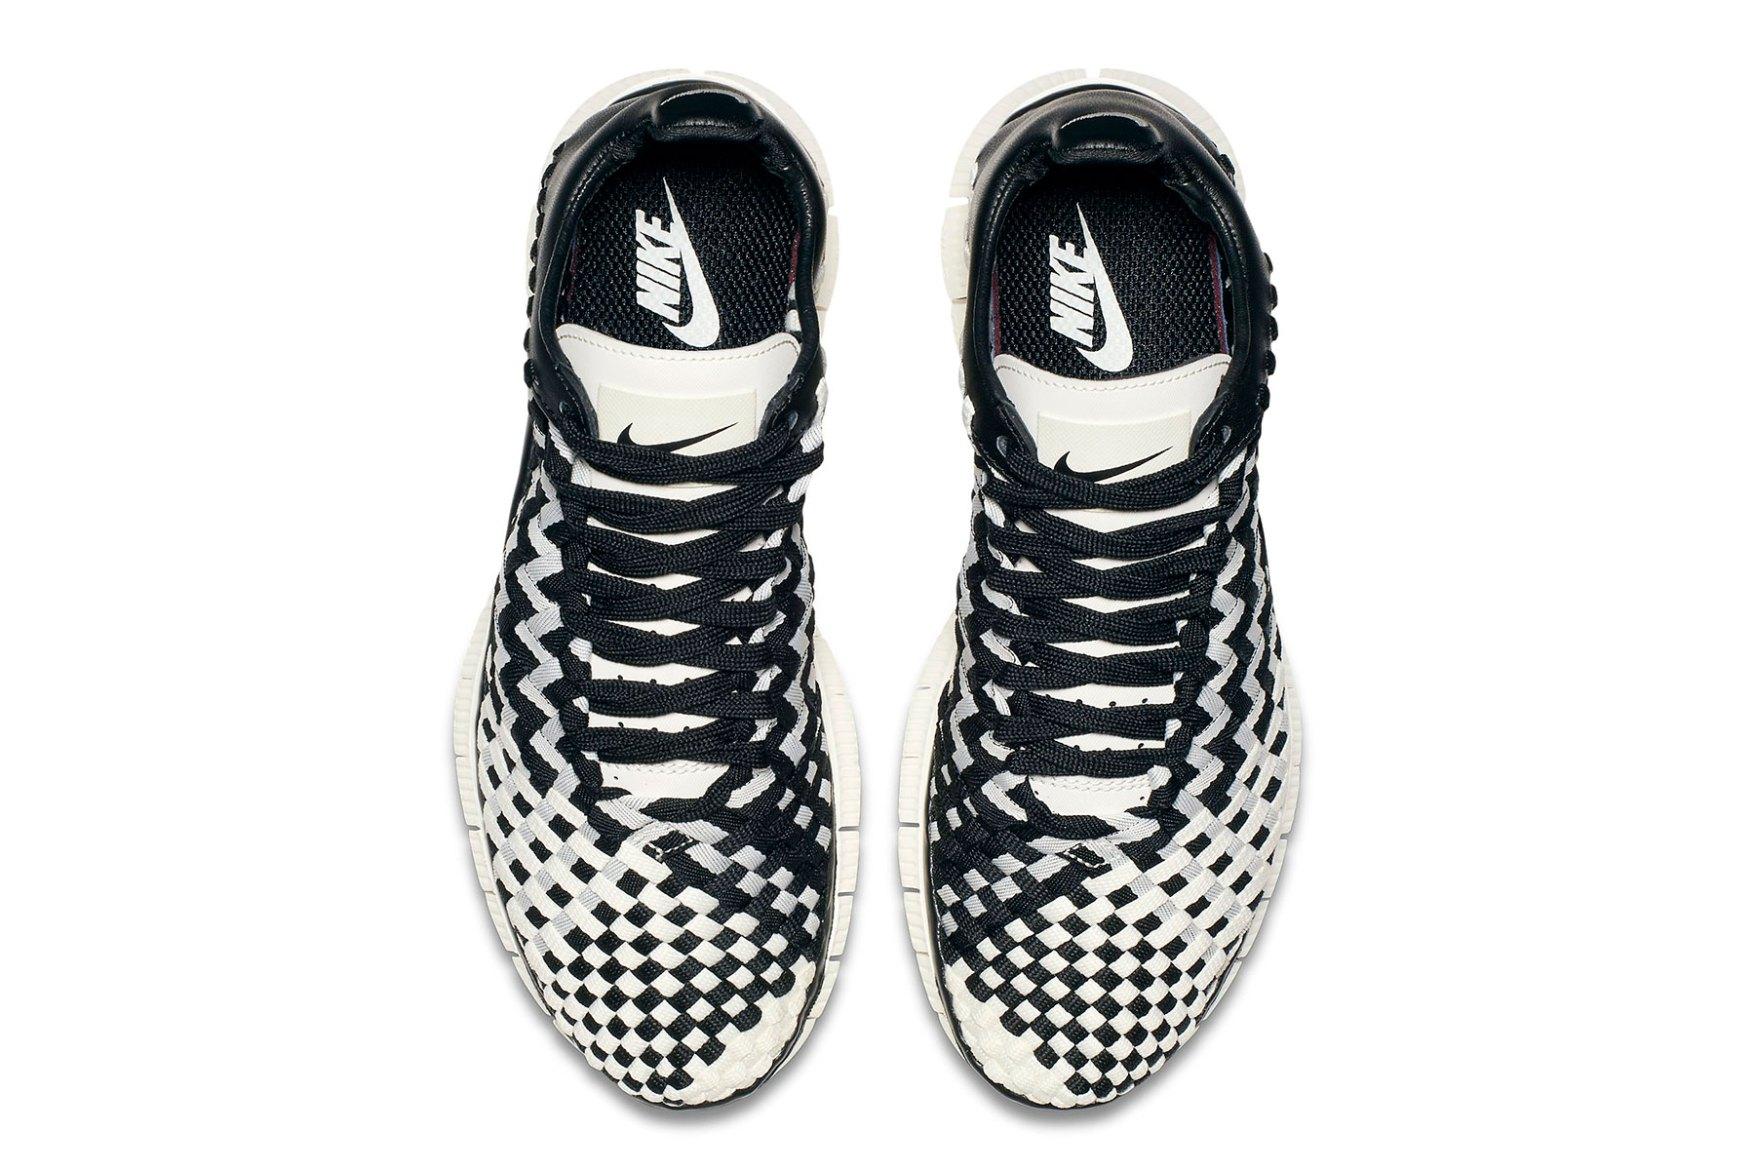 nike-free-inneva-woven-black-white-5.jpg